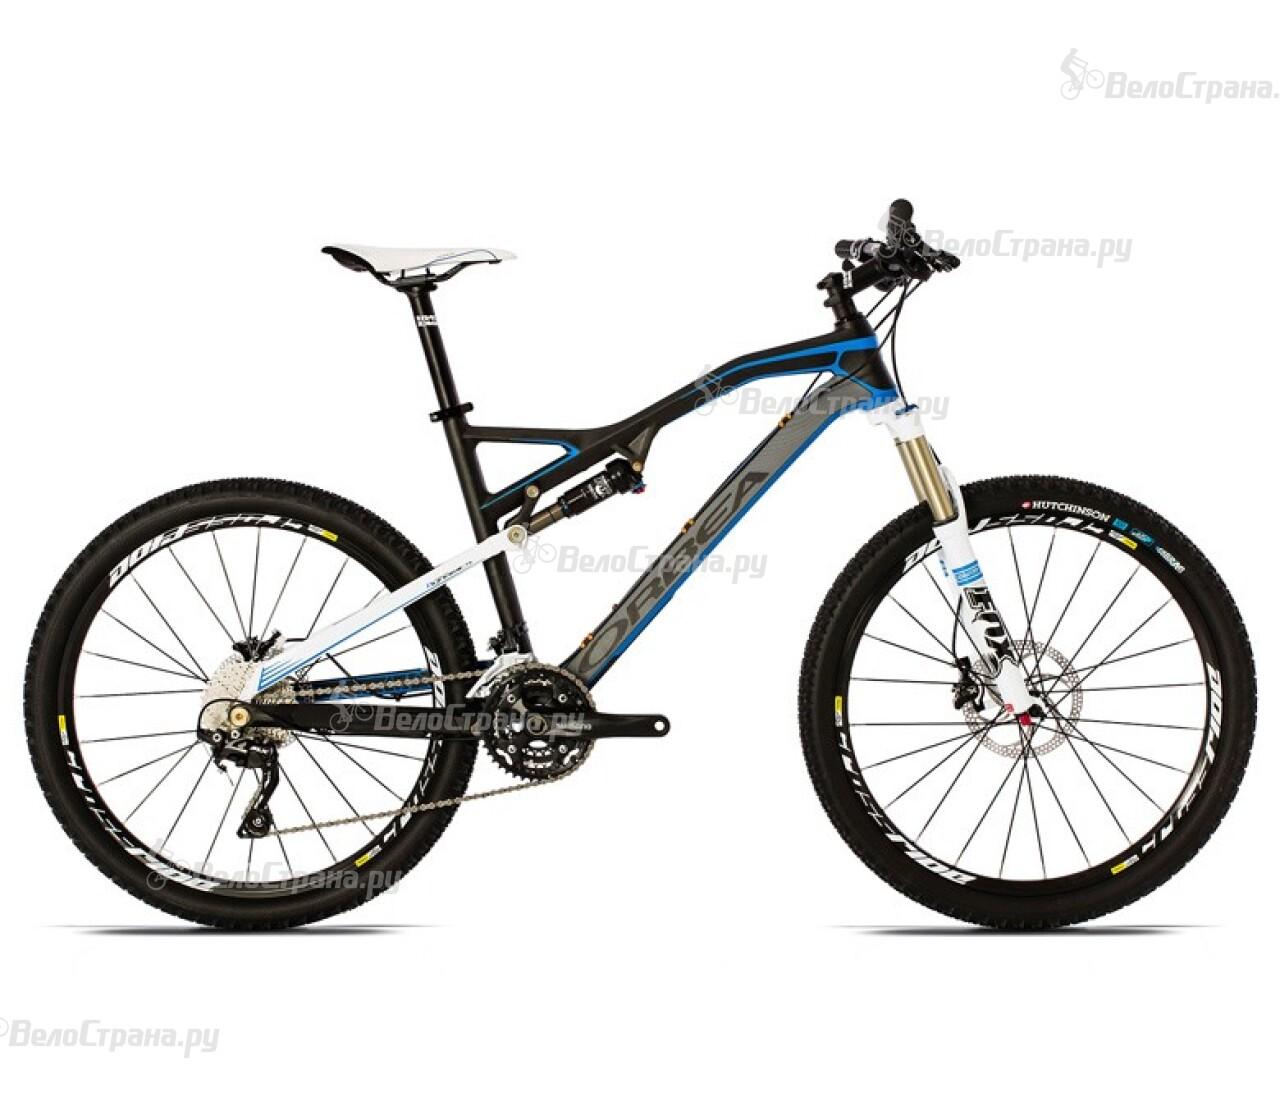 Велосипед Orbea Occam S50 (2013) велосипед orbea occam s10 2013